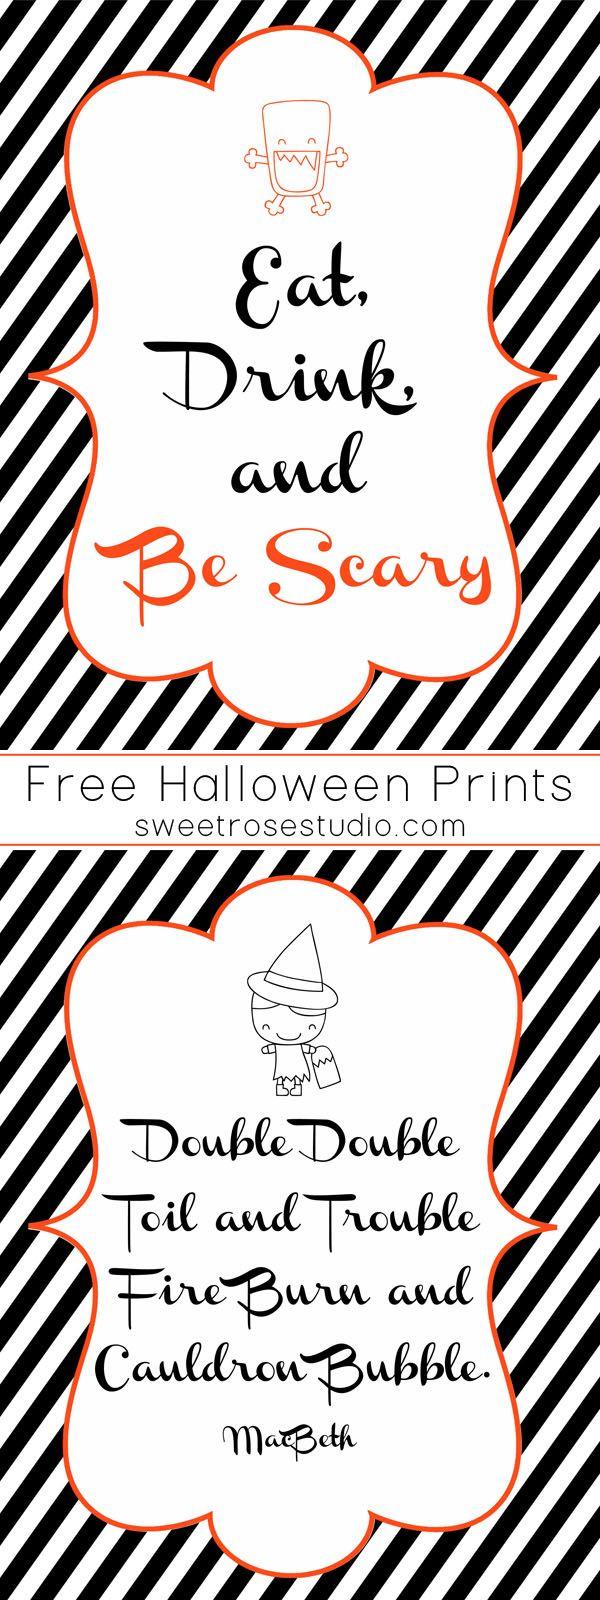 Spookiest Things FREE Halloween Prints at Sweet Rose Studio